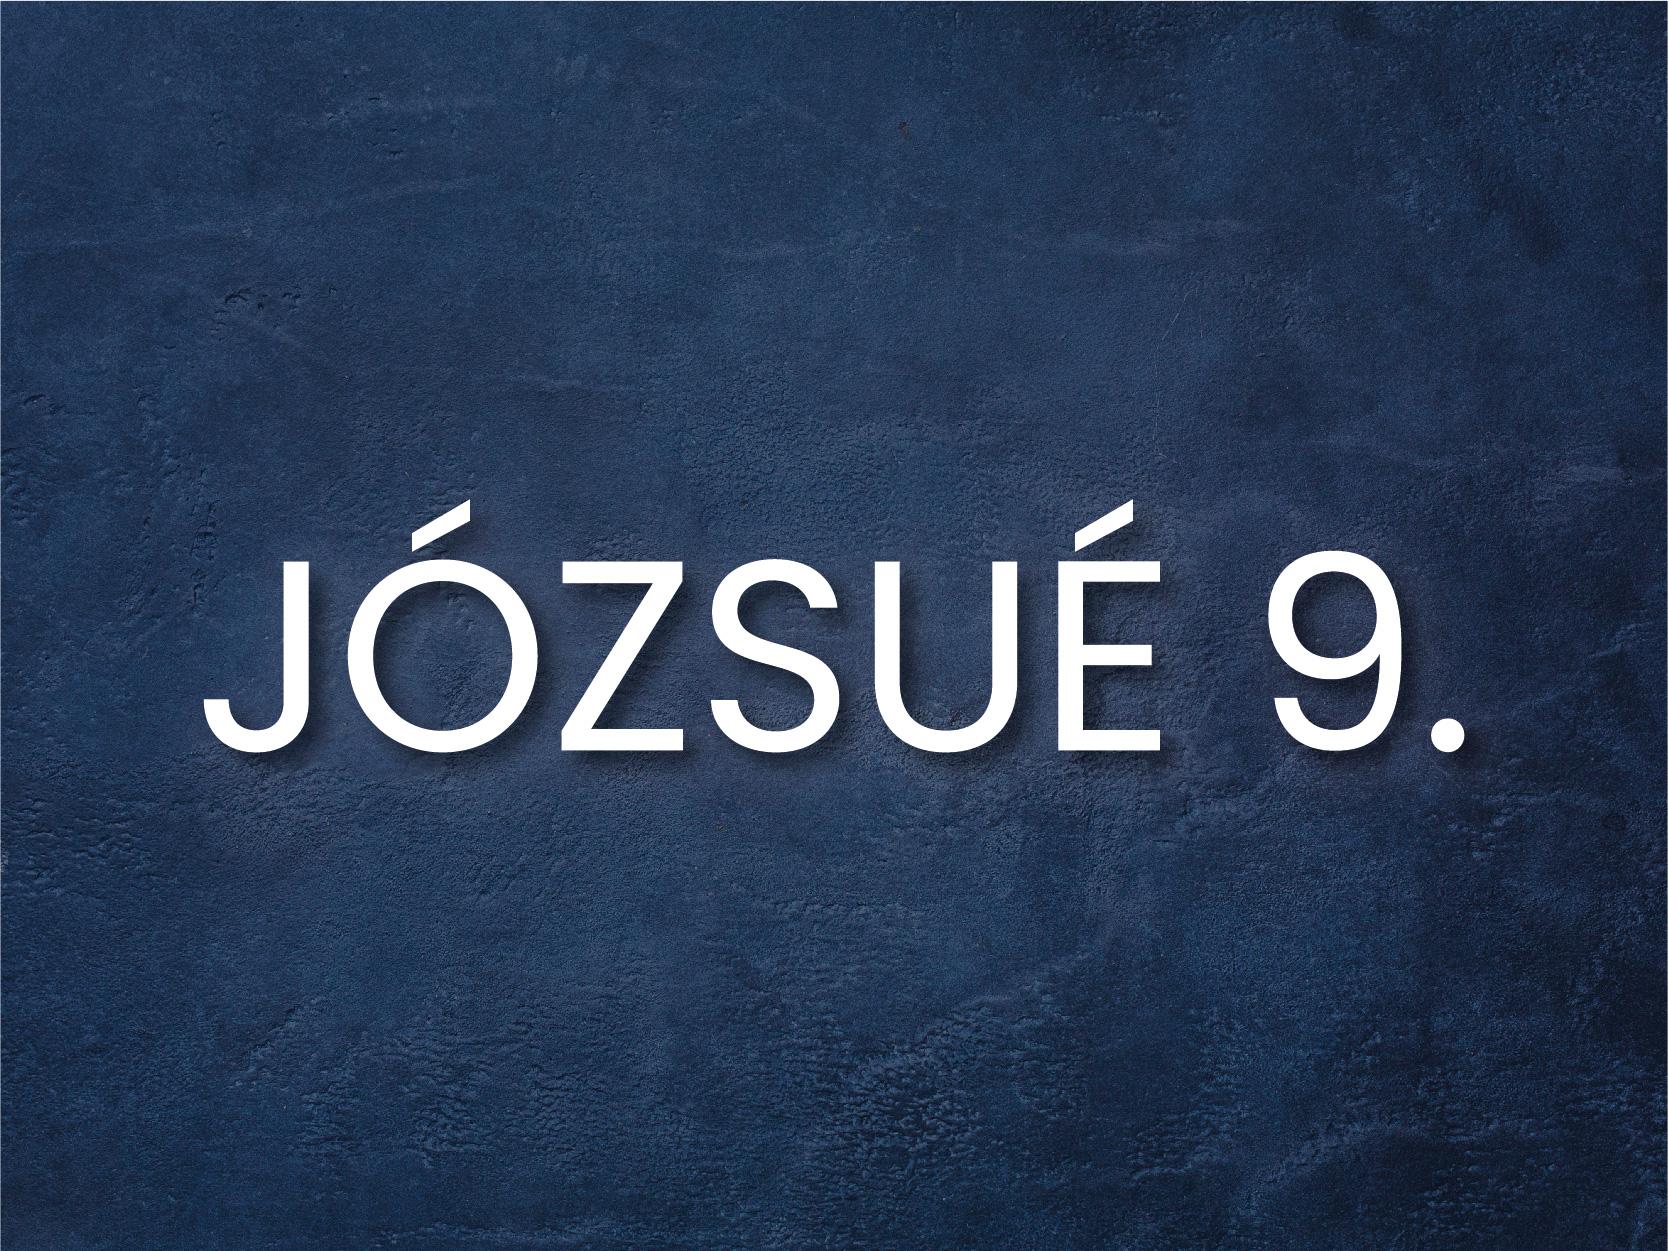 INFO_j7 másolat 2